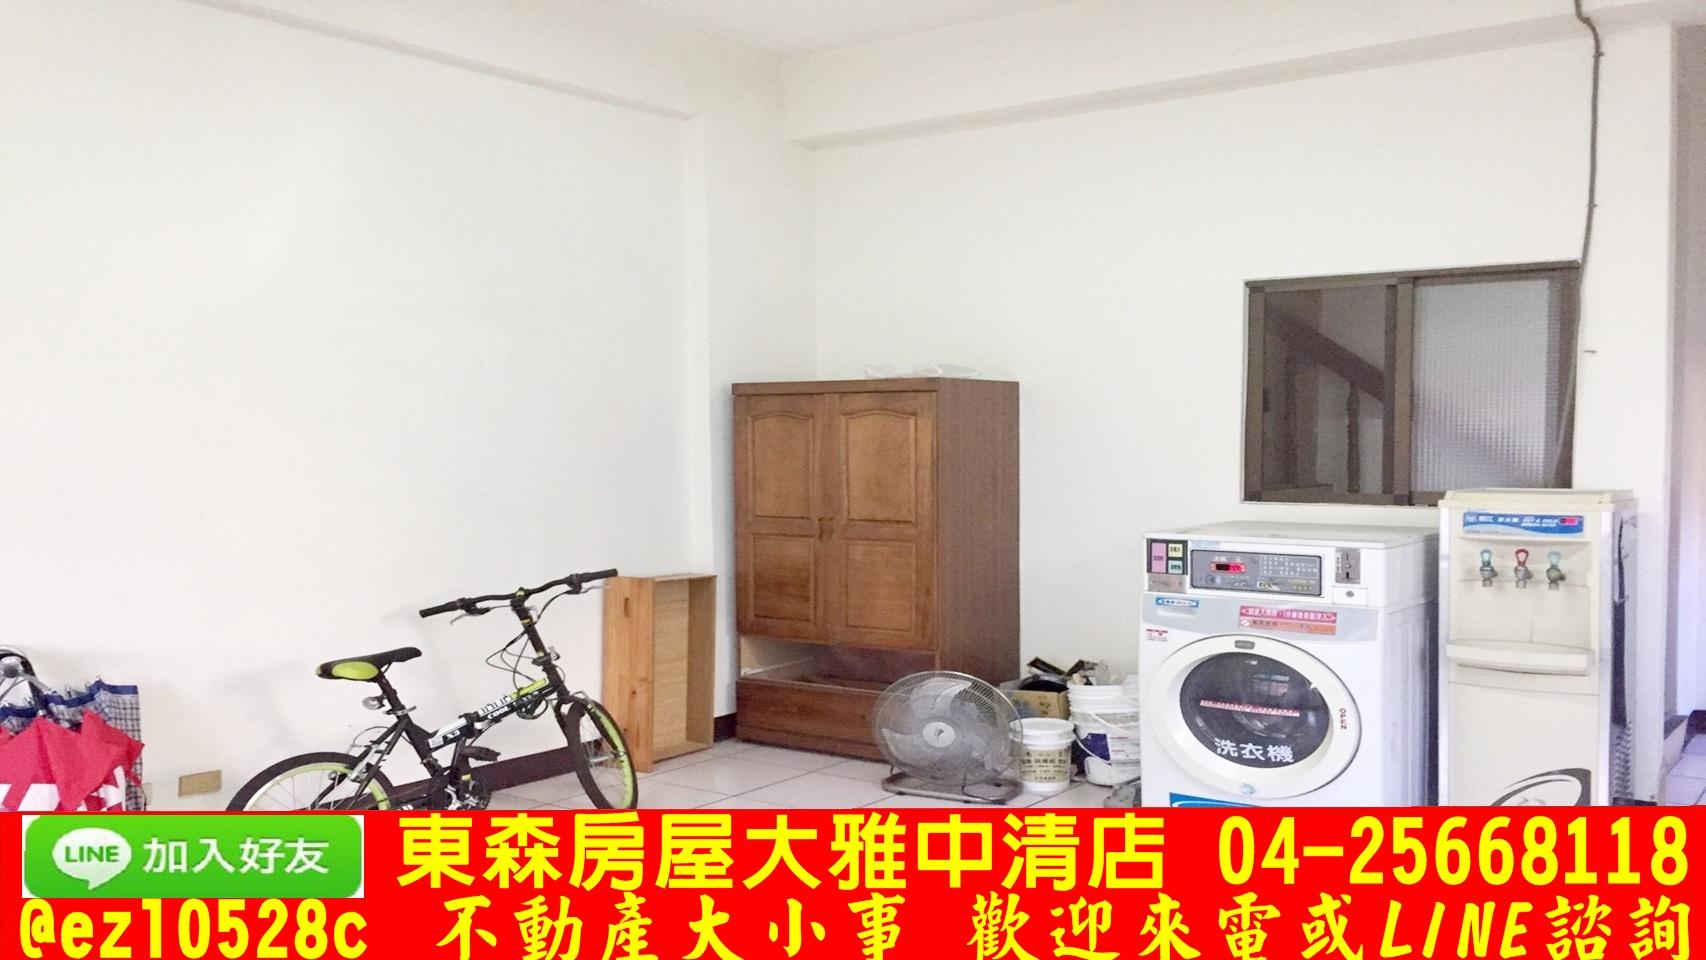 東森房屋大雅中清店-雅潭7套房透天